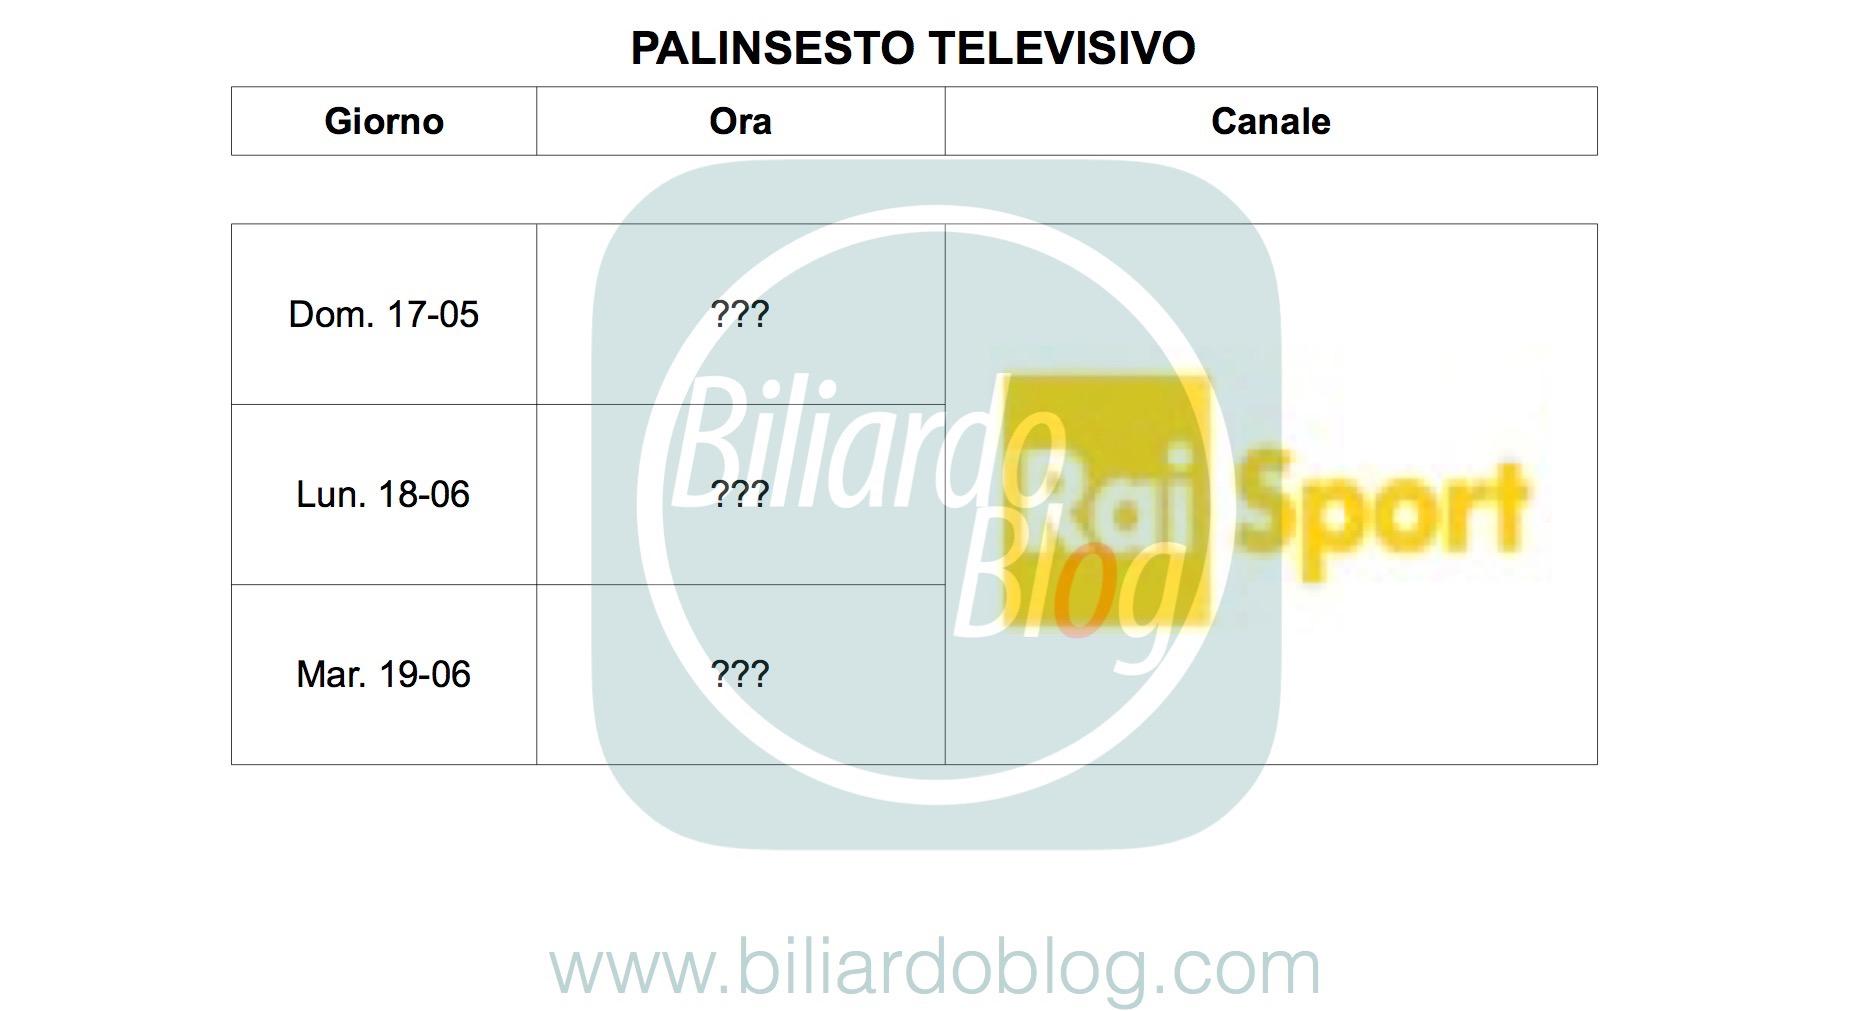 Le Finali del Campionato Italiano di Biliardo 2017 2018: programma Rai